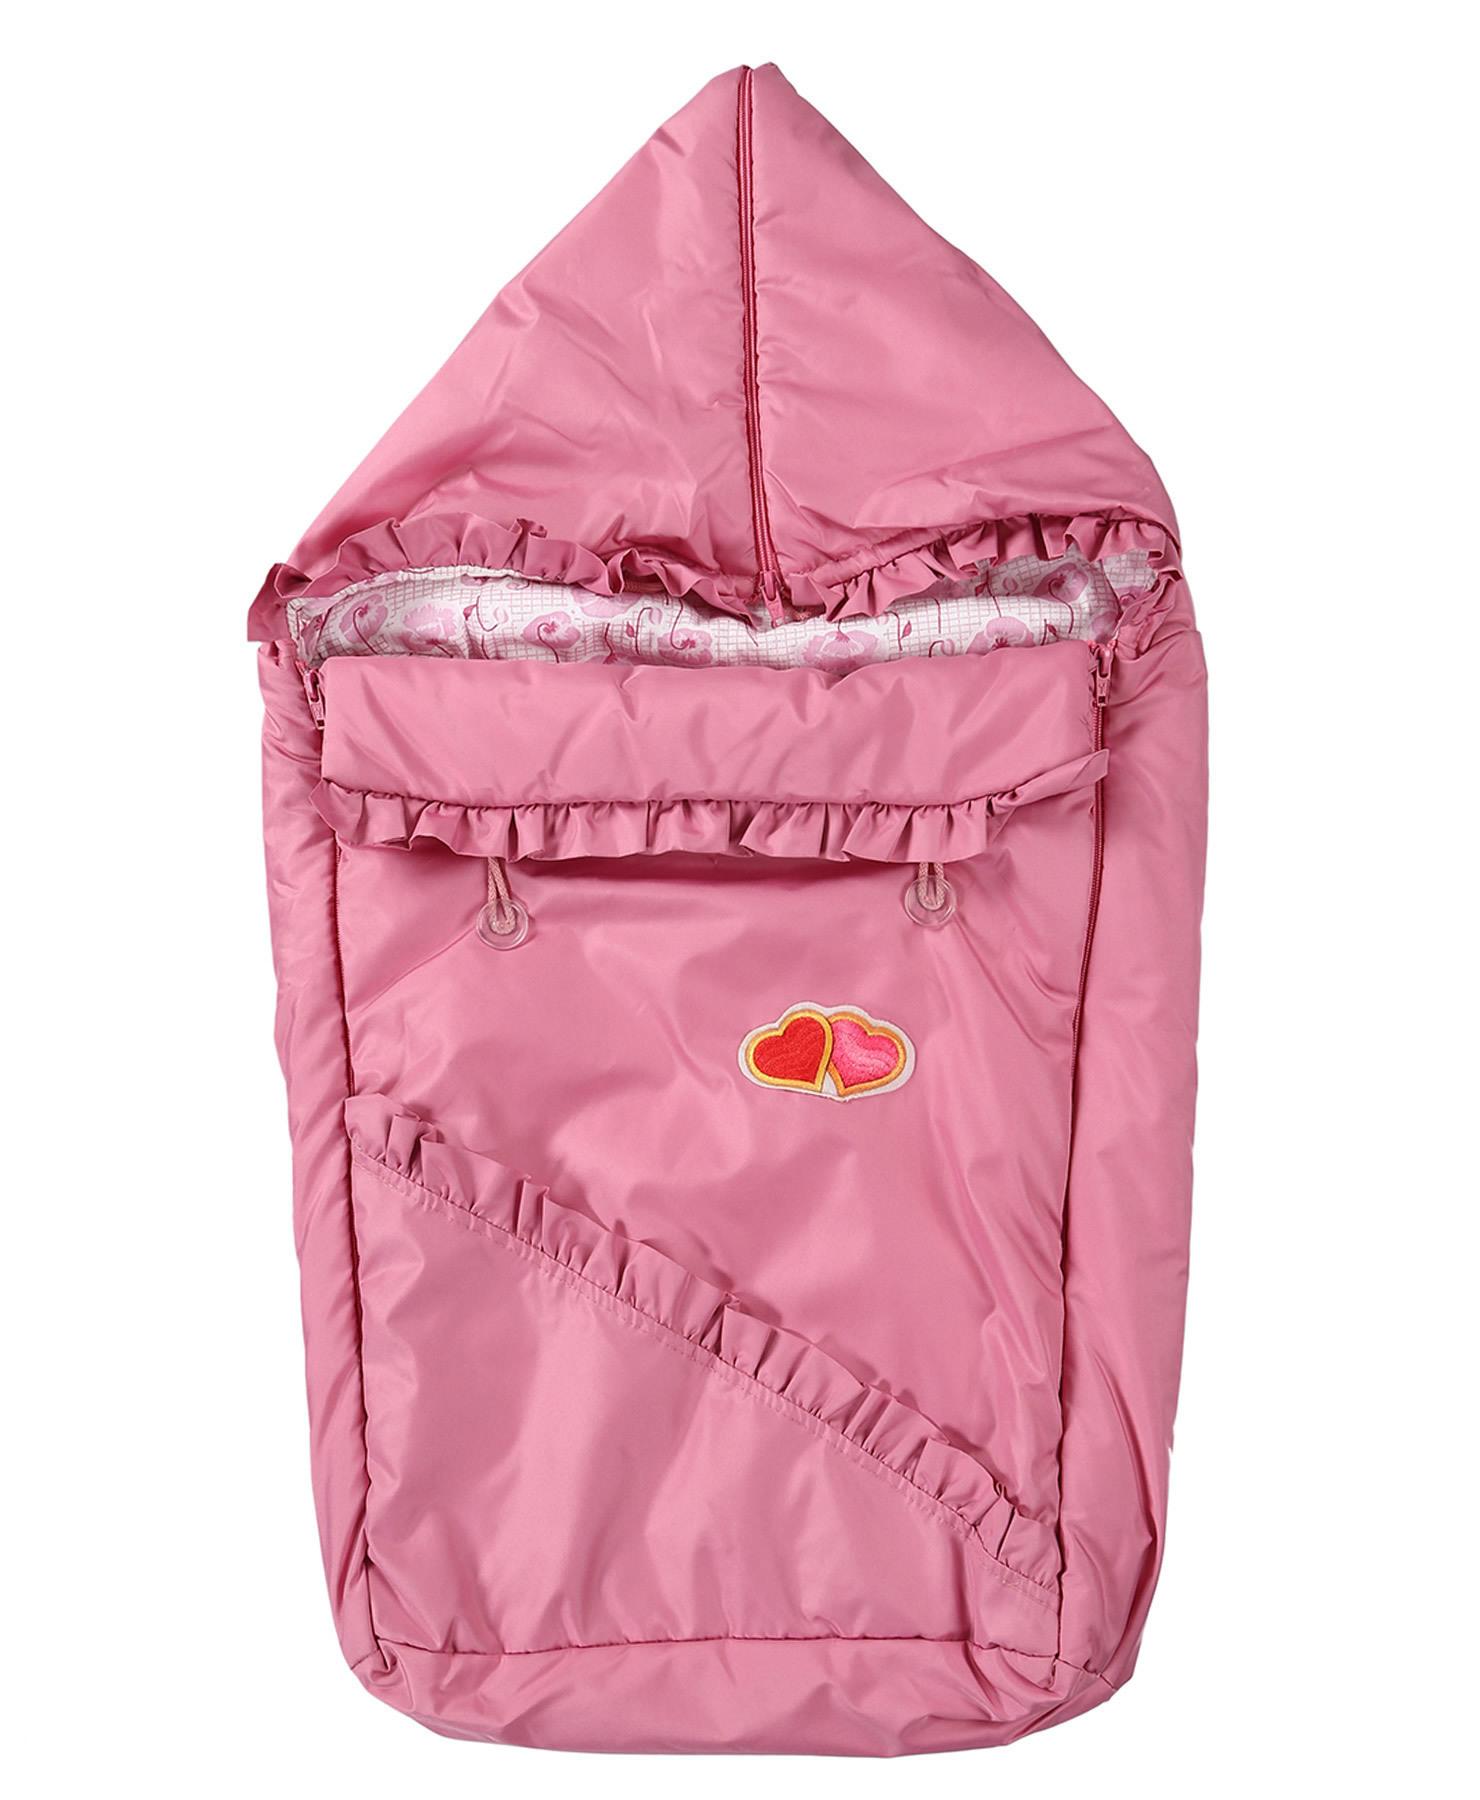 Конверты на выписку Конверт для новорожденного, Осень-Весна, Розовый 411t_rozovyy_1.JPG